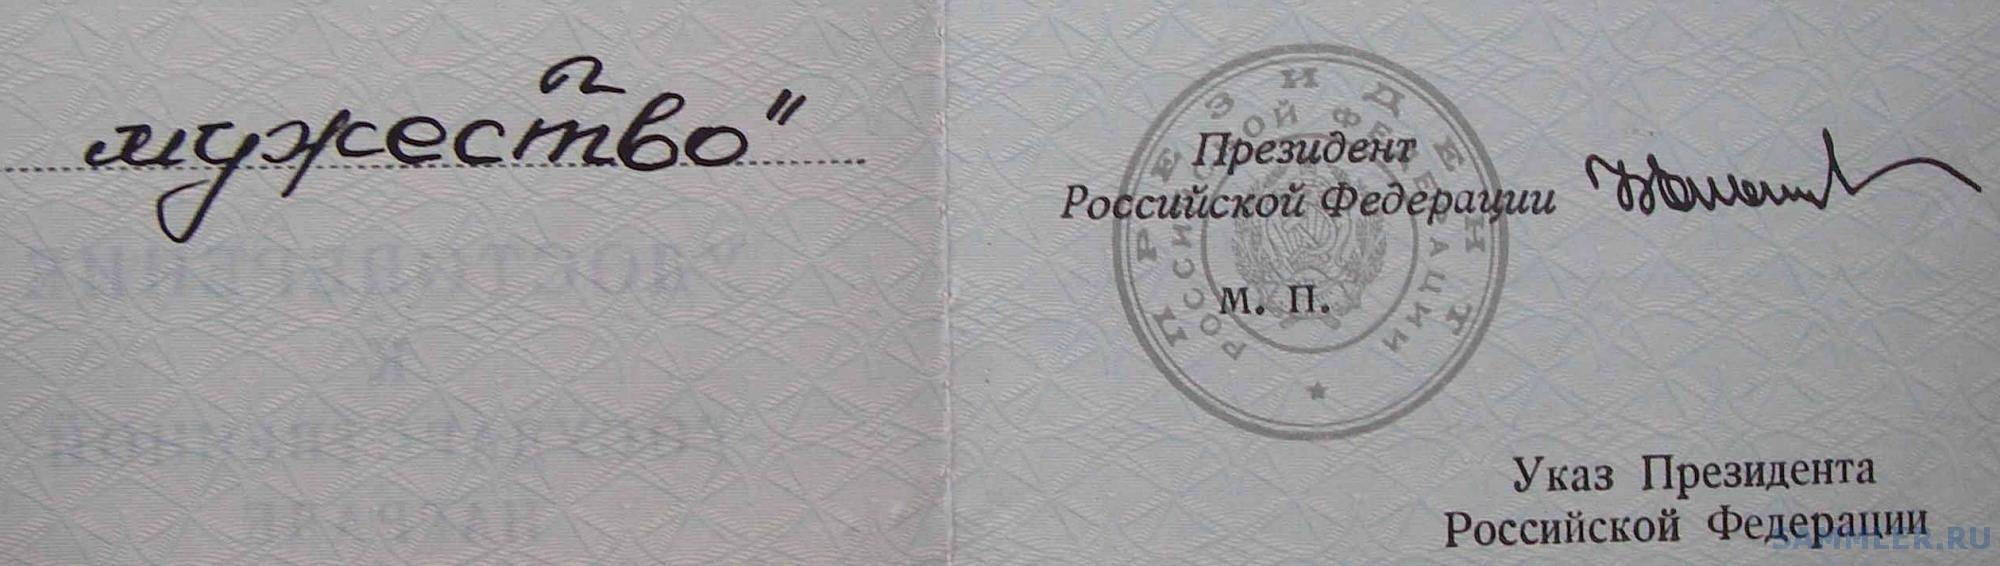 Уд РСФСР 3.JPG